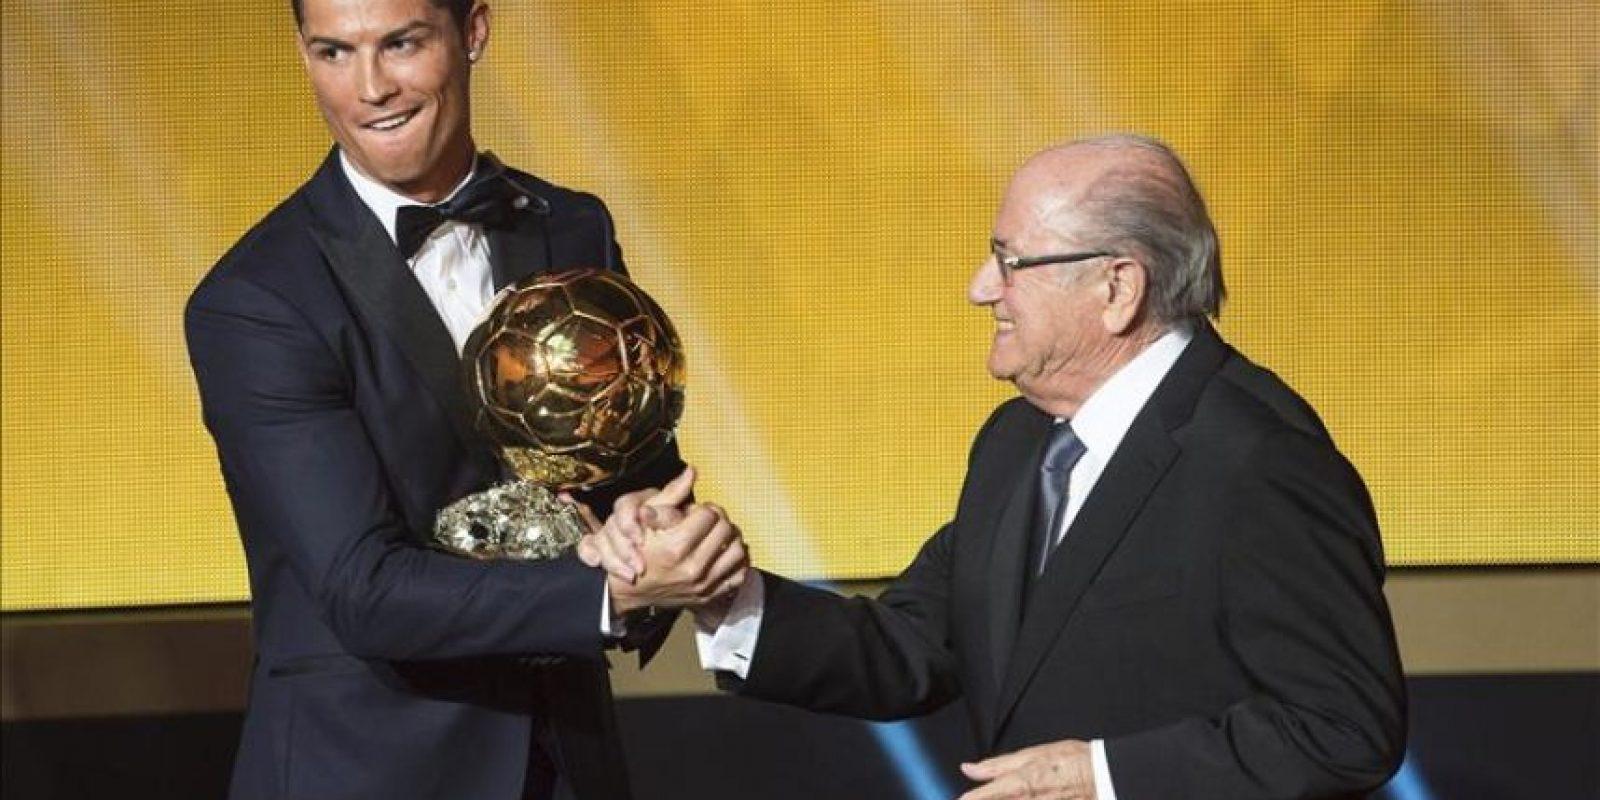 El delantero portugués del Real Madrid, Cristiano Ronaldo (izda), recibe su tercer Balón de Oro de manos del presidente de la FIFA Joseph Blatter, durante la Gala del Balón de Oro de la FIFA que se celebra hoy en Zúrich, Suiza. EFE